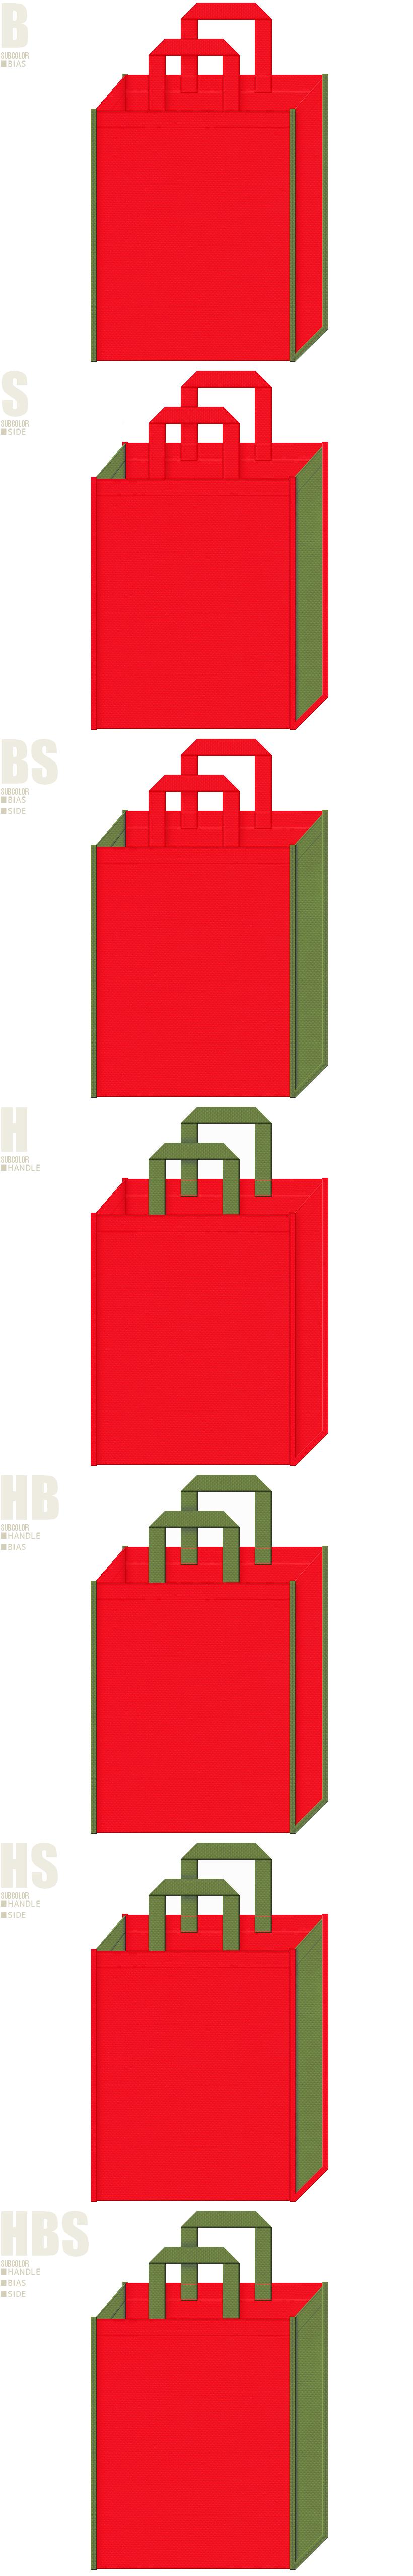 茶会・野点傘・和傘・邦楽演奏会・和風庭園・和風催事にお奨めの不織布バッグデザイン:赤色と草色の配色7パターン